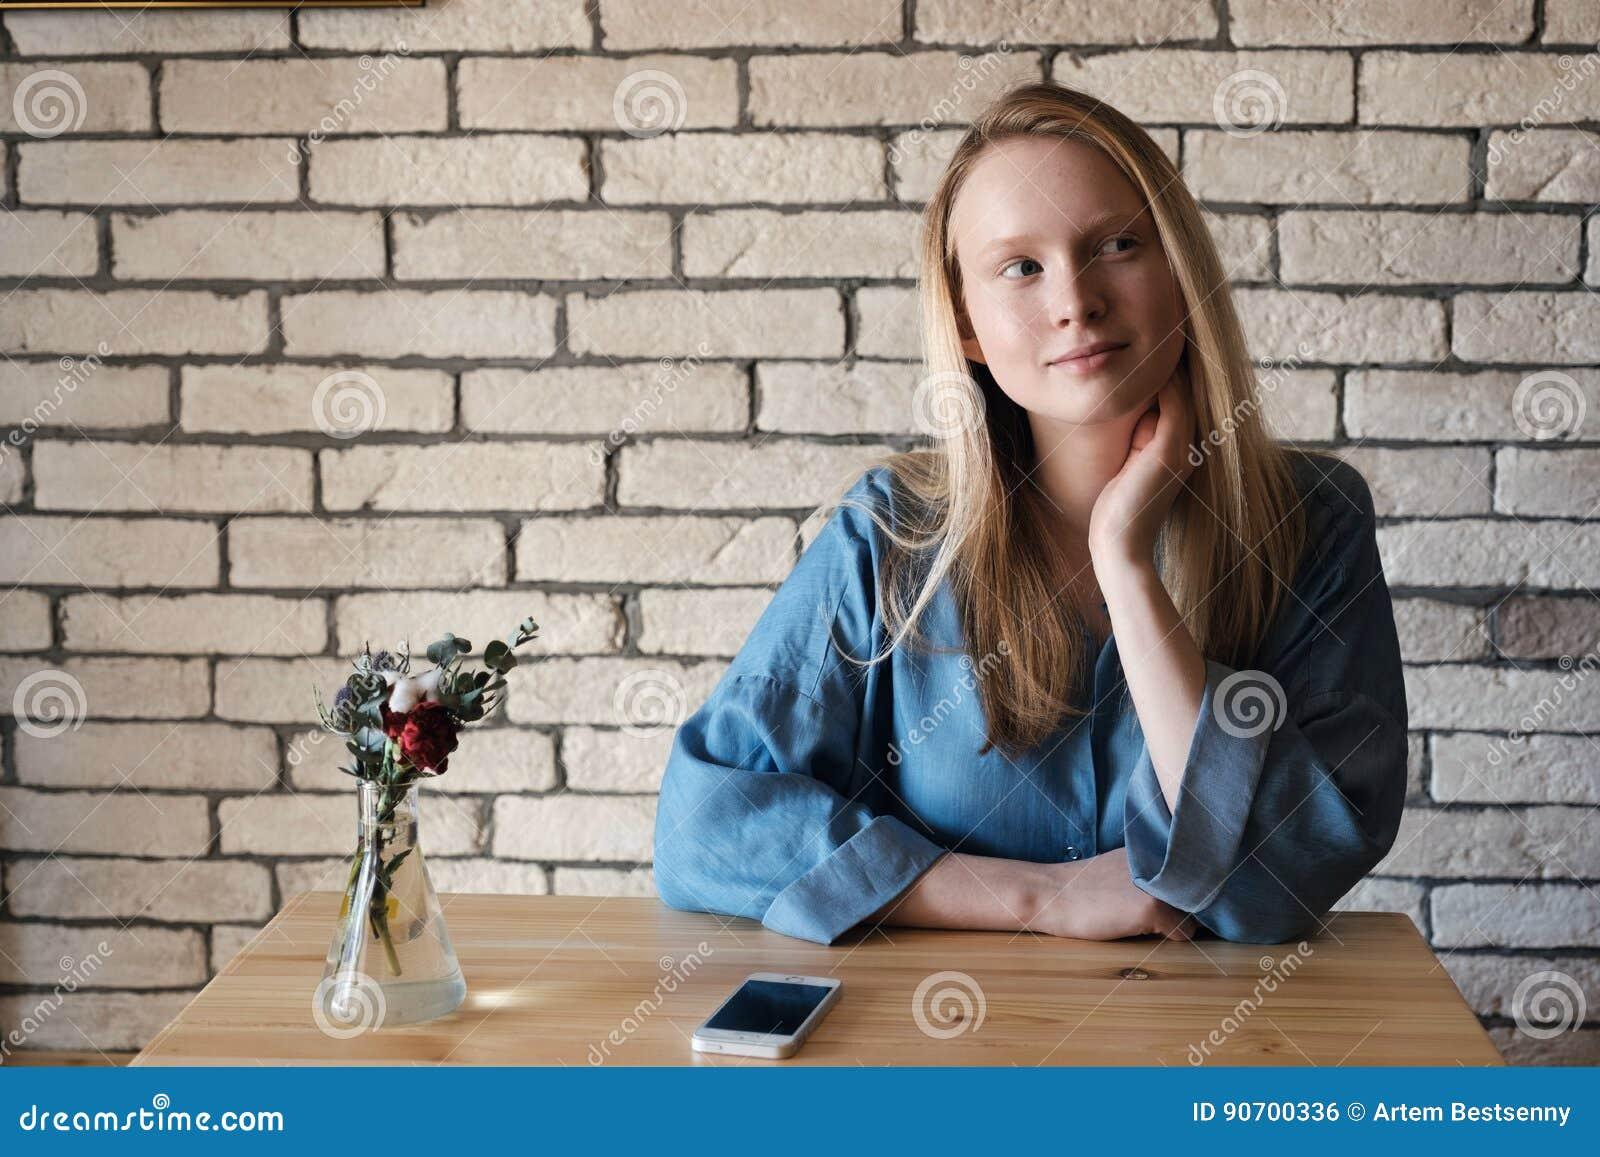 Młoda blondynka w błękitnej koszula siedzi przy stołem w kawiarni na którym kłama telefon